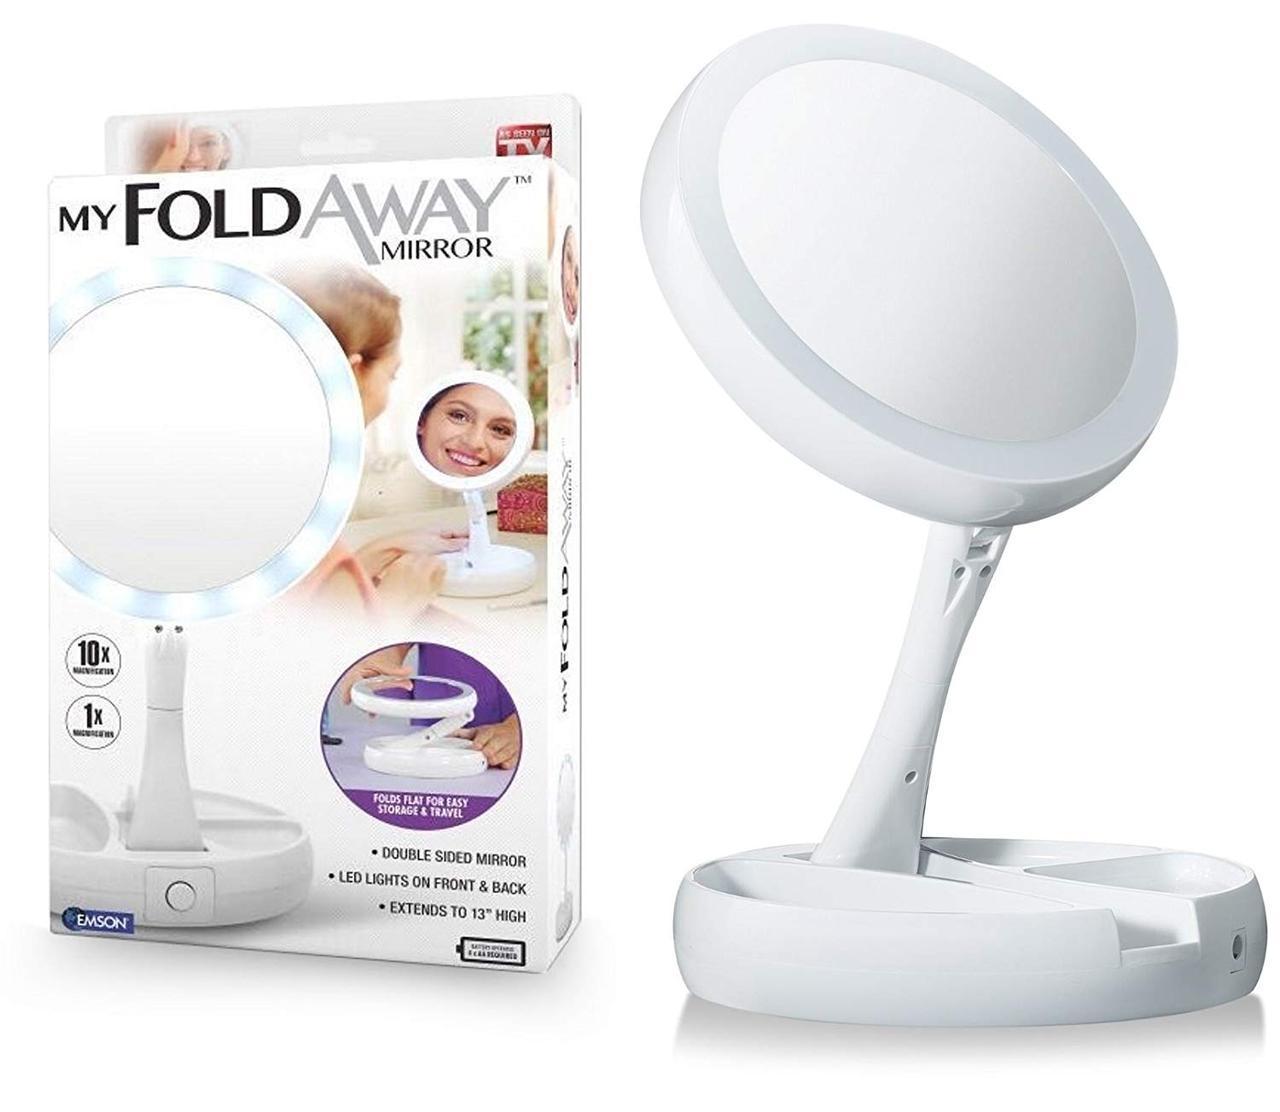 Круглое зеркало с LED подсветкой для макияжа обычное +10-ти кратное увеличение My Fold Away Mirror, цвет белый